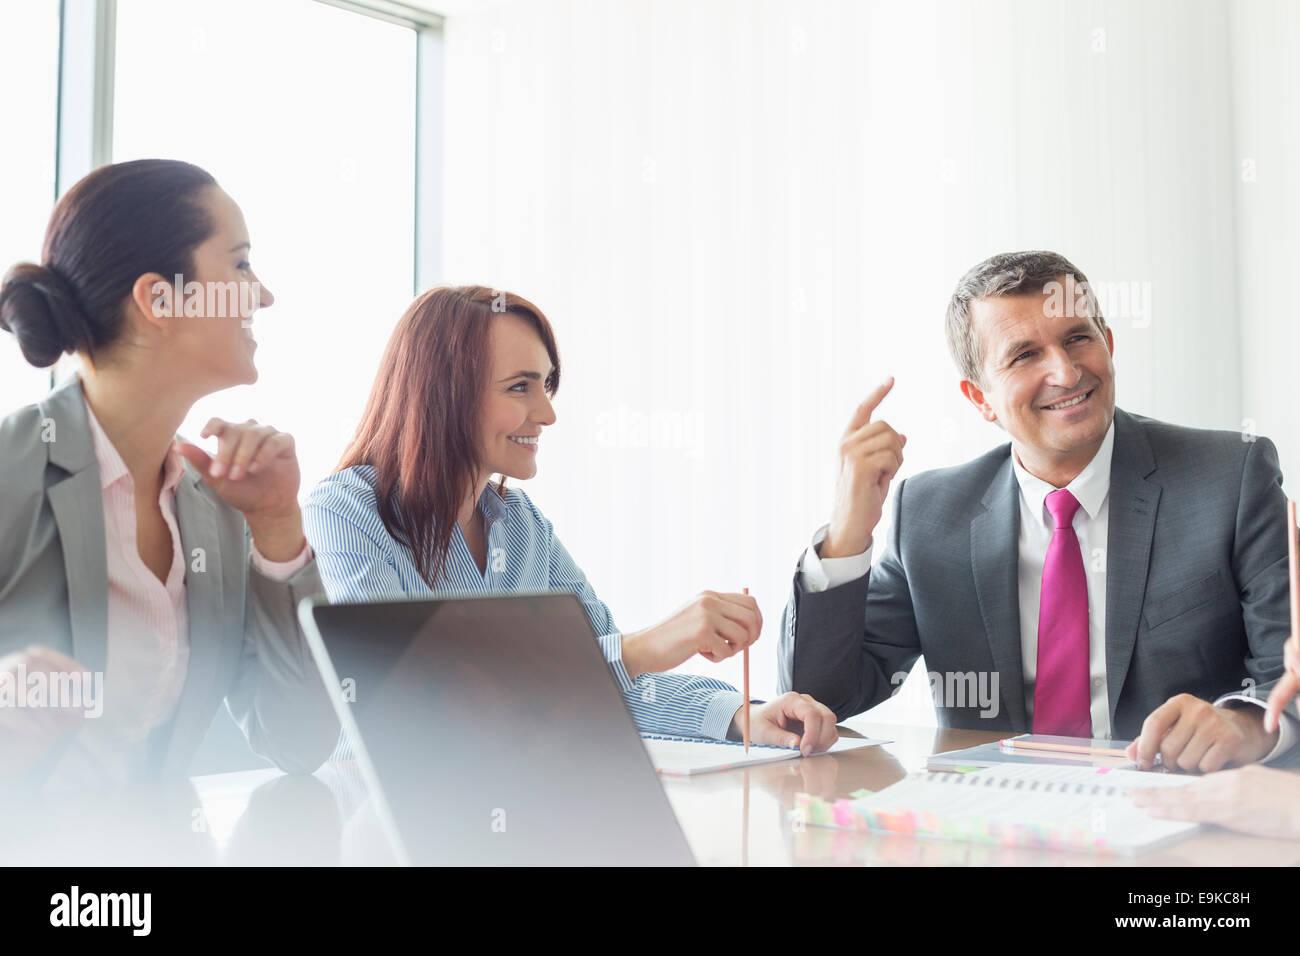 Reunión de negocios en la sala de juntas Imagen De Stock